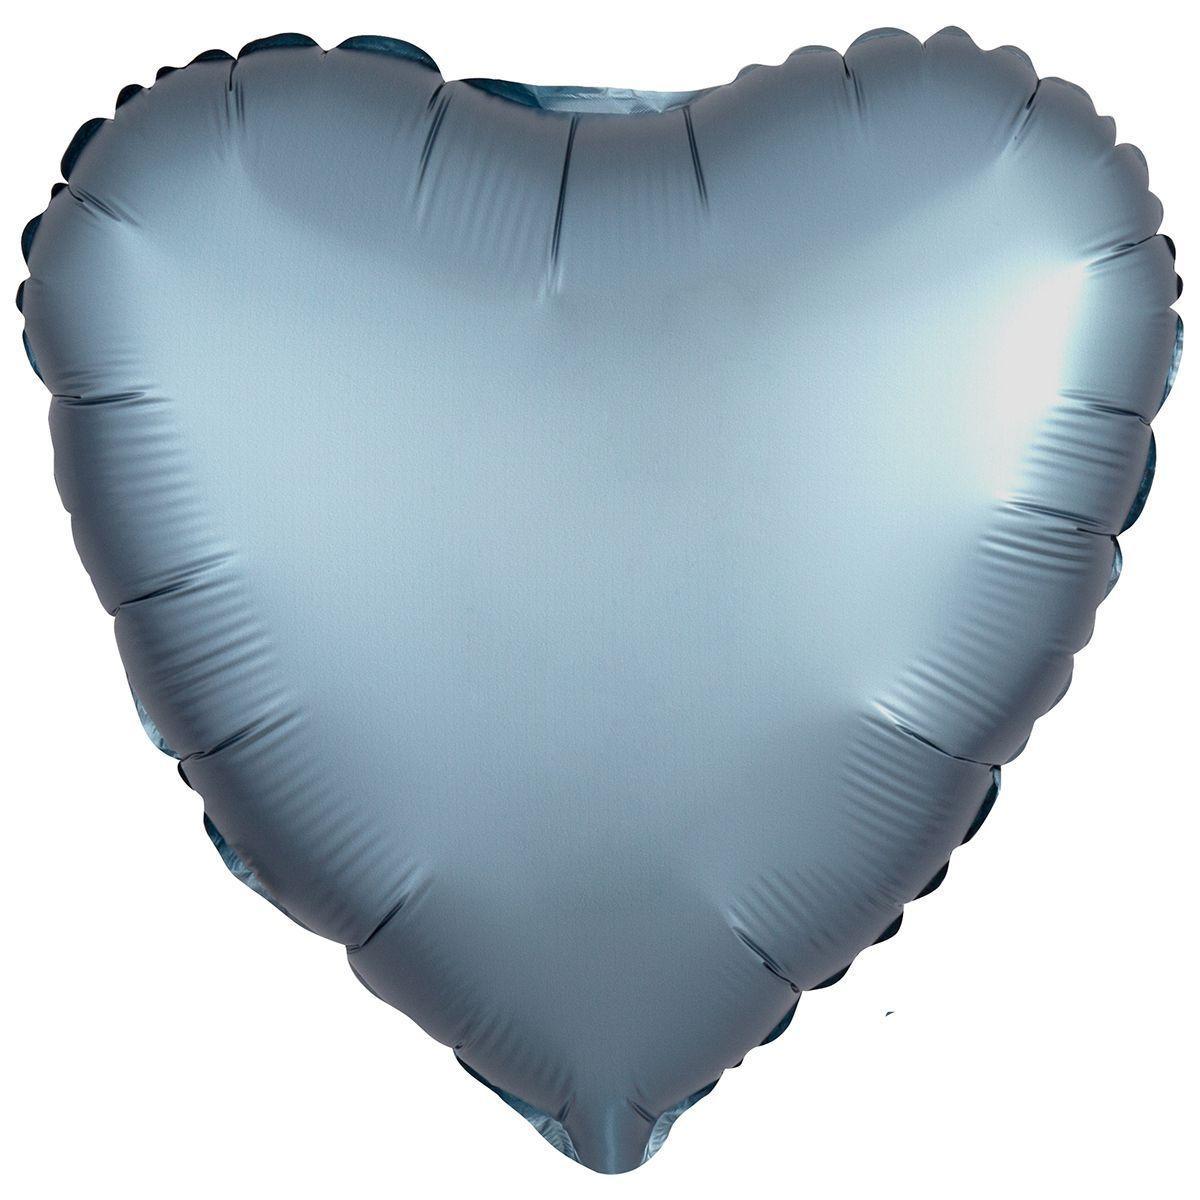 Фольговані кулі без малюнка серце 18/45 сатин синя сталь (США)